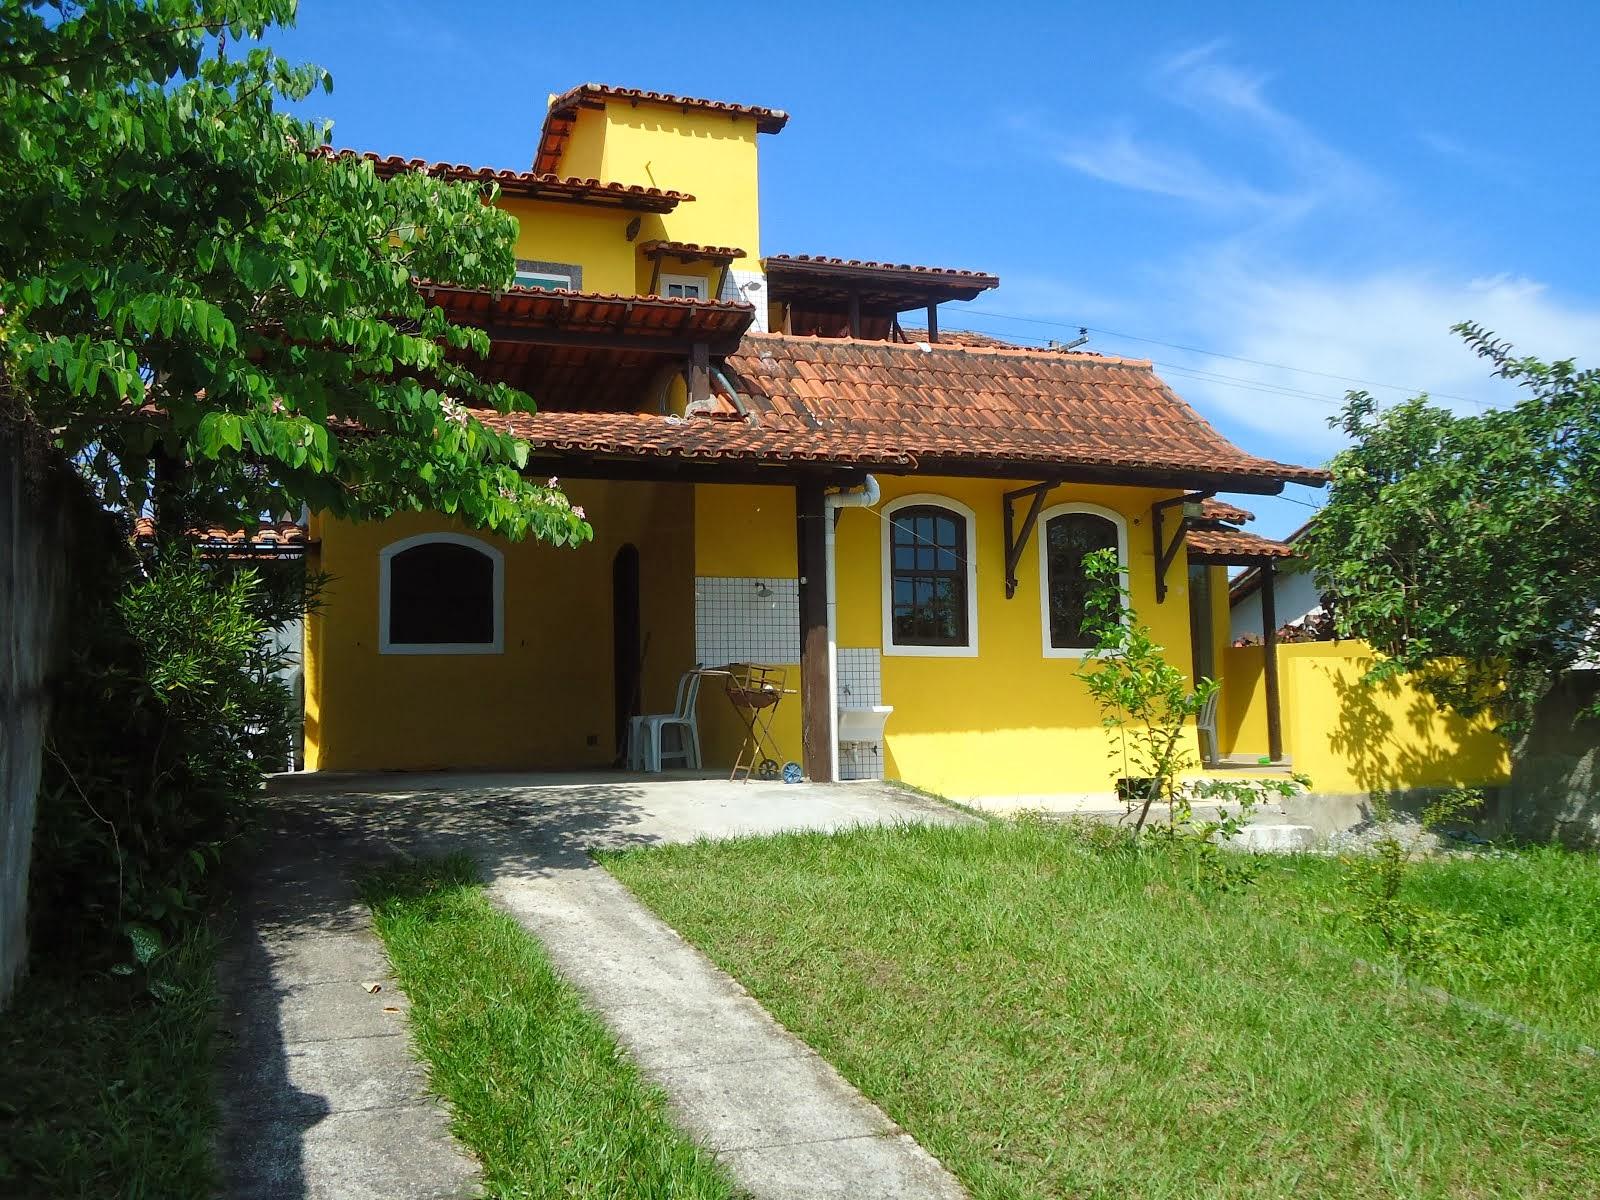 Vila do Sossego: condomínio com 06 casas para temporada.